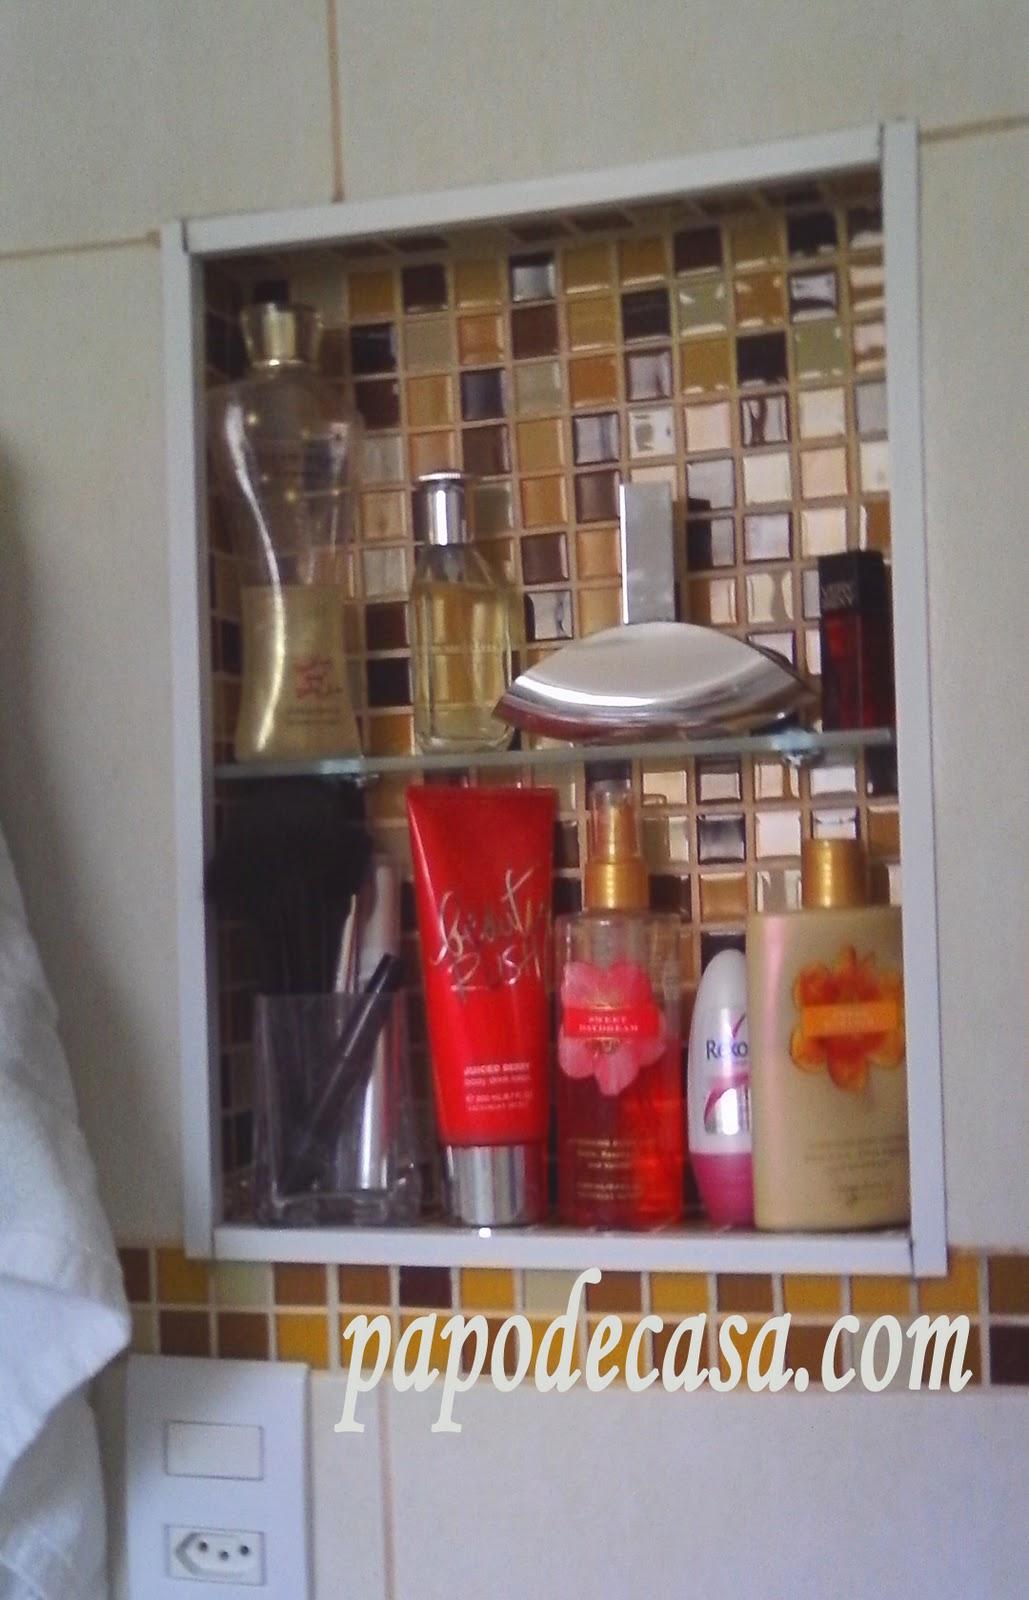 Nichos de pastilha no banheiro Decorações e Artes #AE1D24 1029x1600 Banheiro Com Pastilhas E Nichos